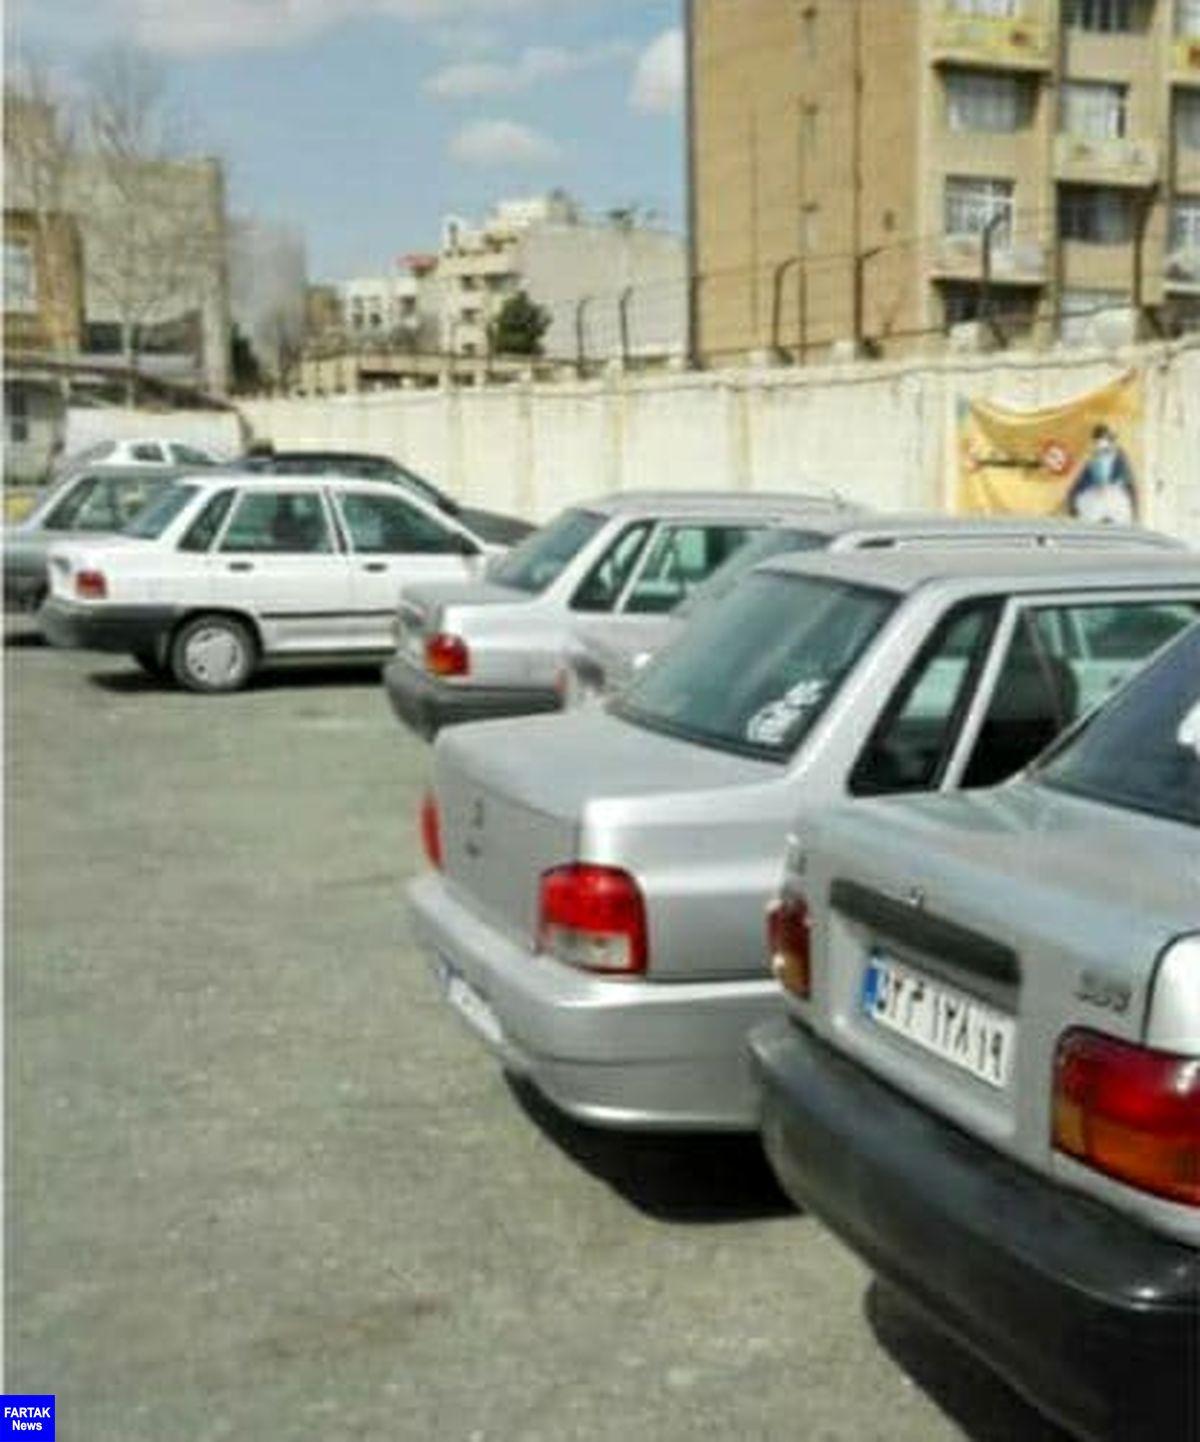 توقیف 7دستگاه خودروی رانندگان مسافربری شخصی غیر مجاز